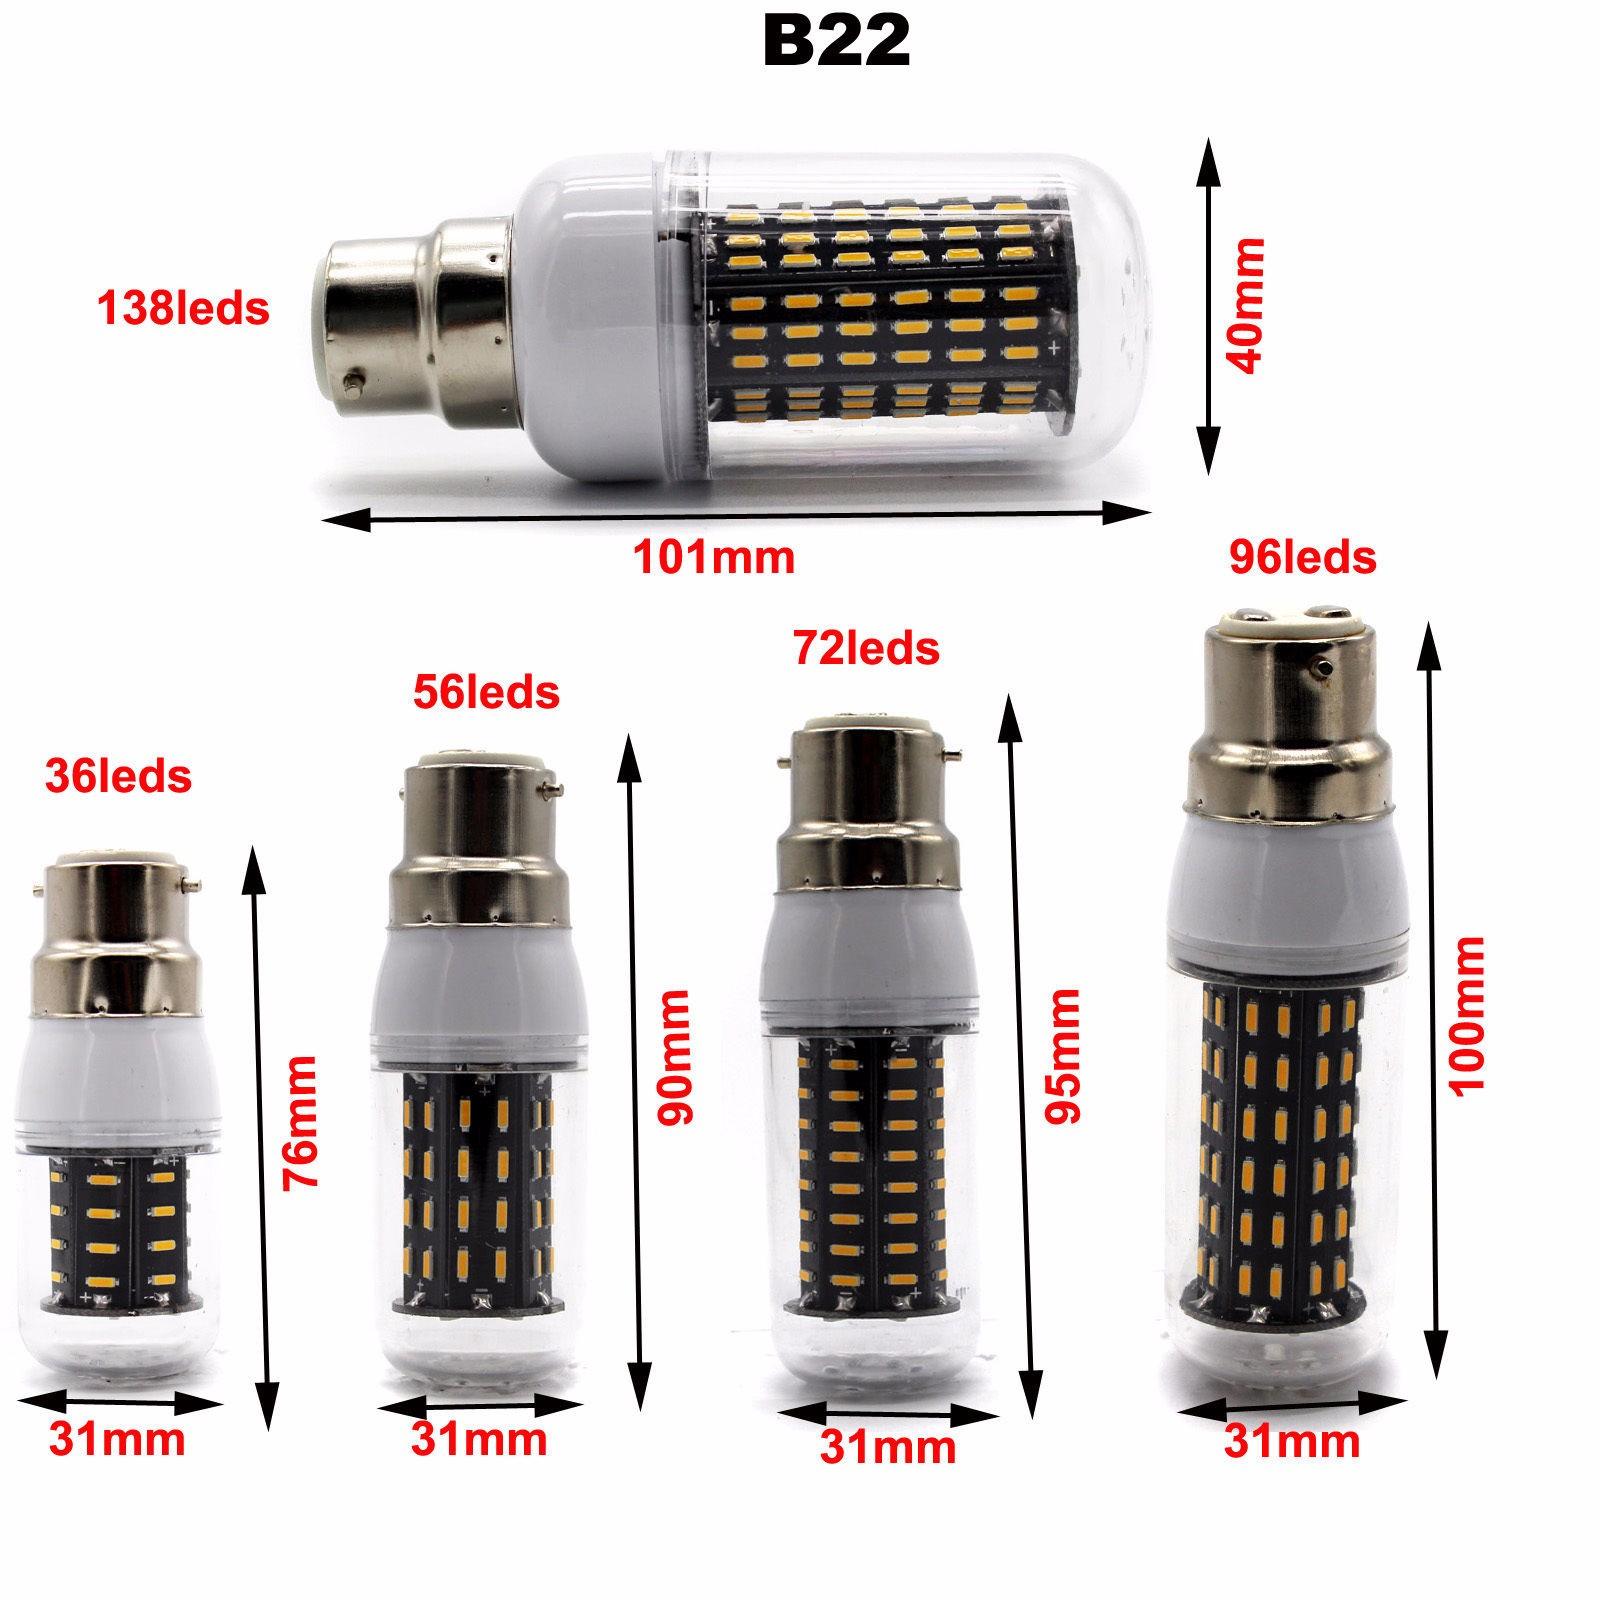 e14 e27 g9 gu10 e12 led corn light bulb 10w 15w 20w 25w 30w smd4014 home lamp ebay. Black Bedroom Furniture Sets. Home Design Ideas